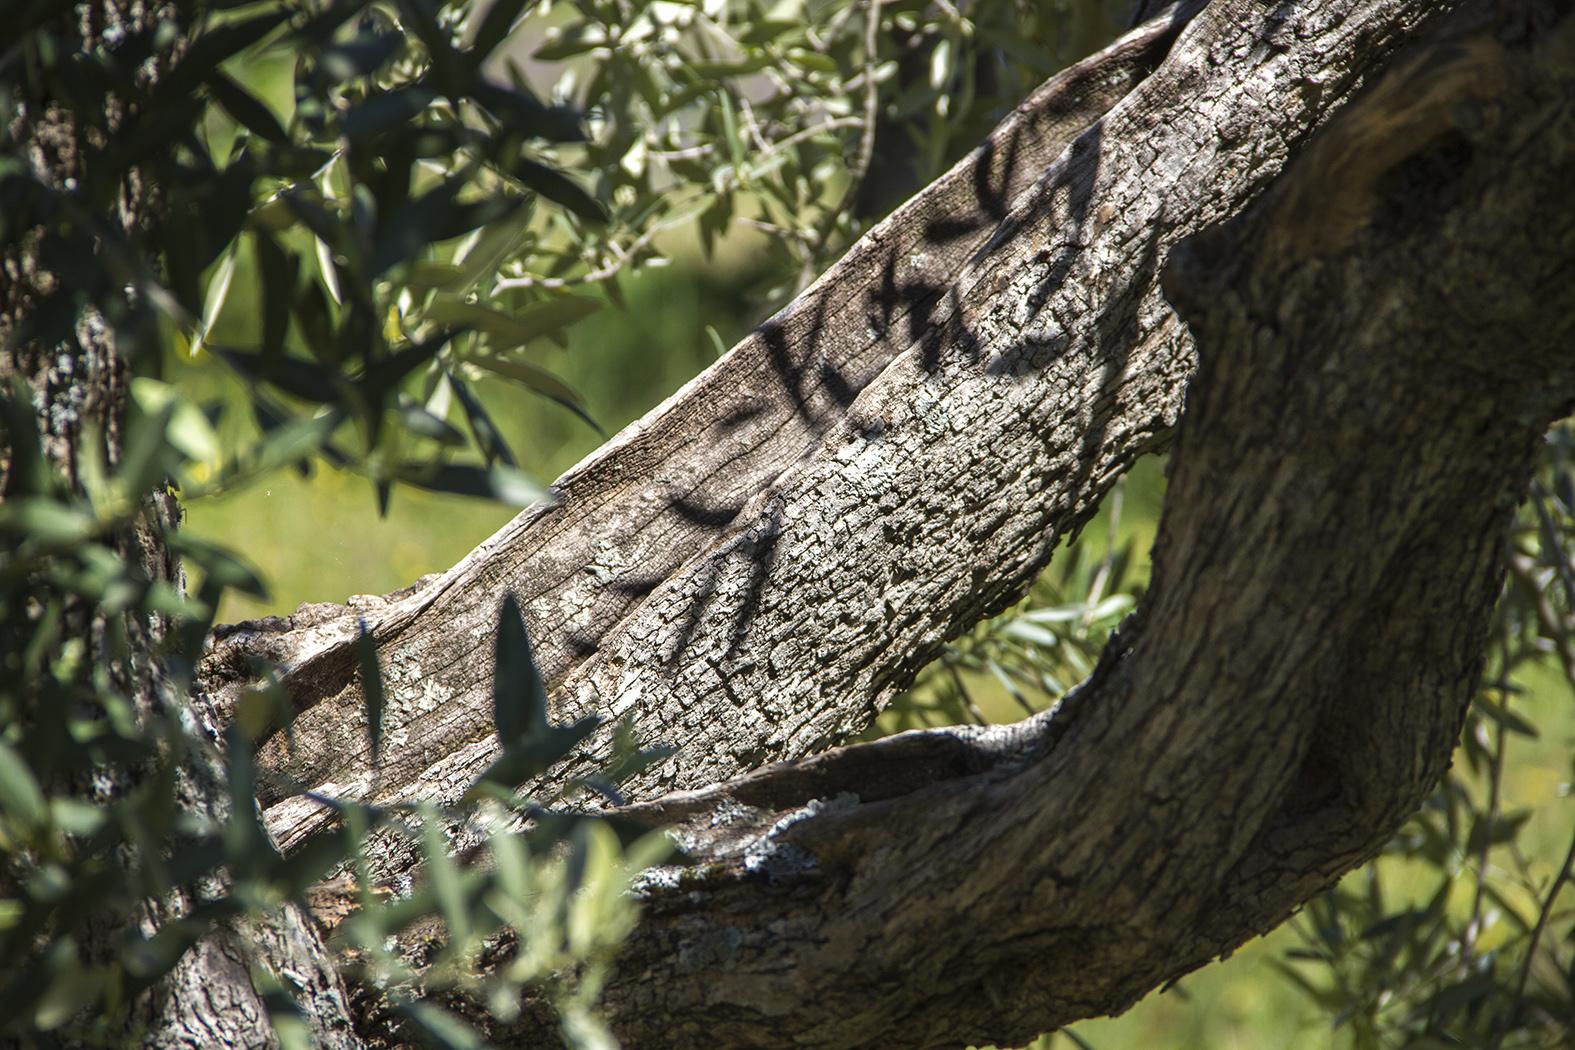 Ombres de feuilles d'olivier sur tronc d'olivier